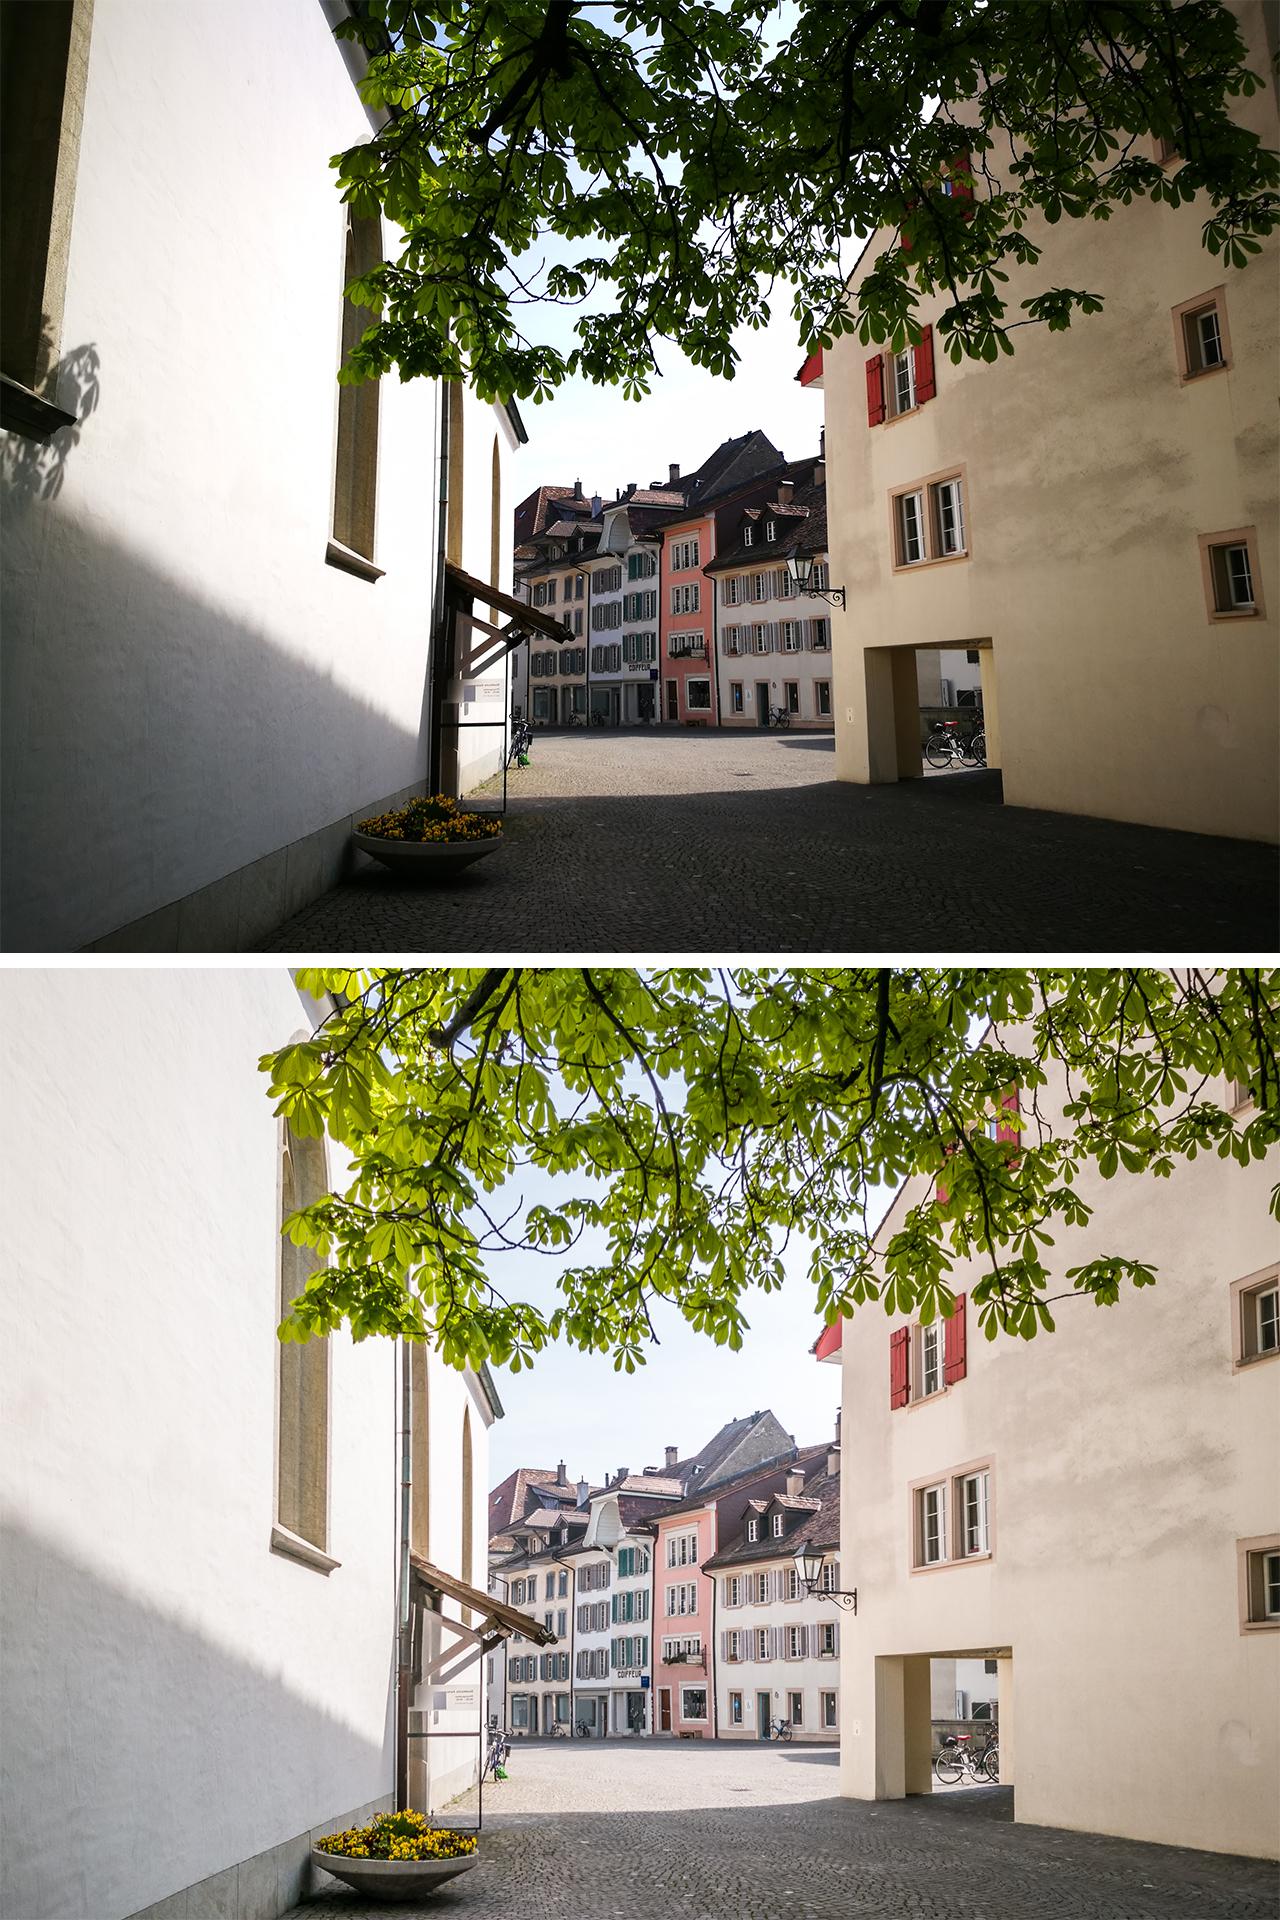 Huawei-p9-Testbild-Aarau-Altstadt-Vergleich